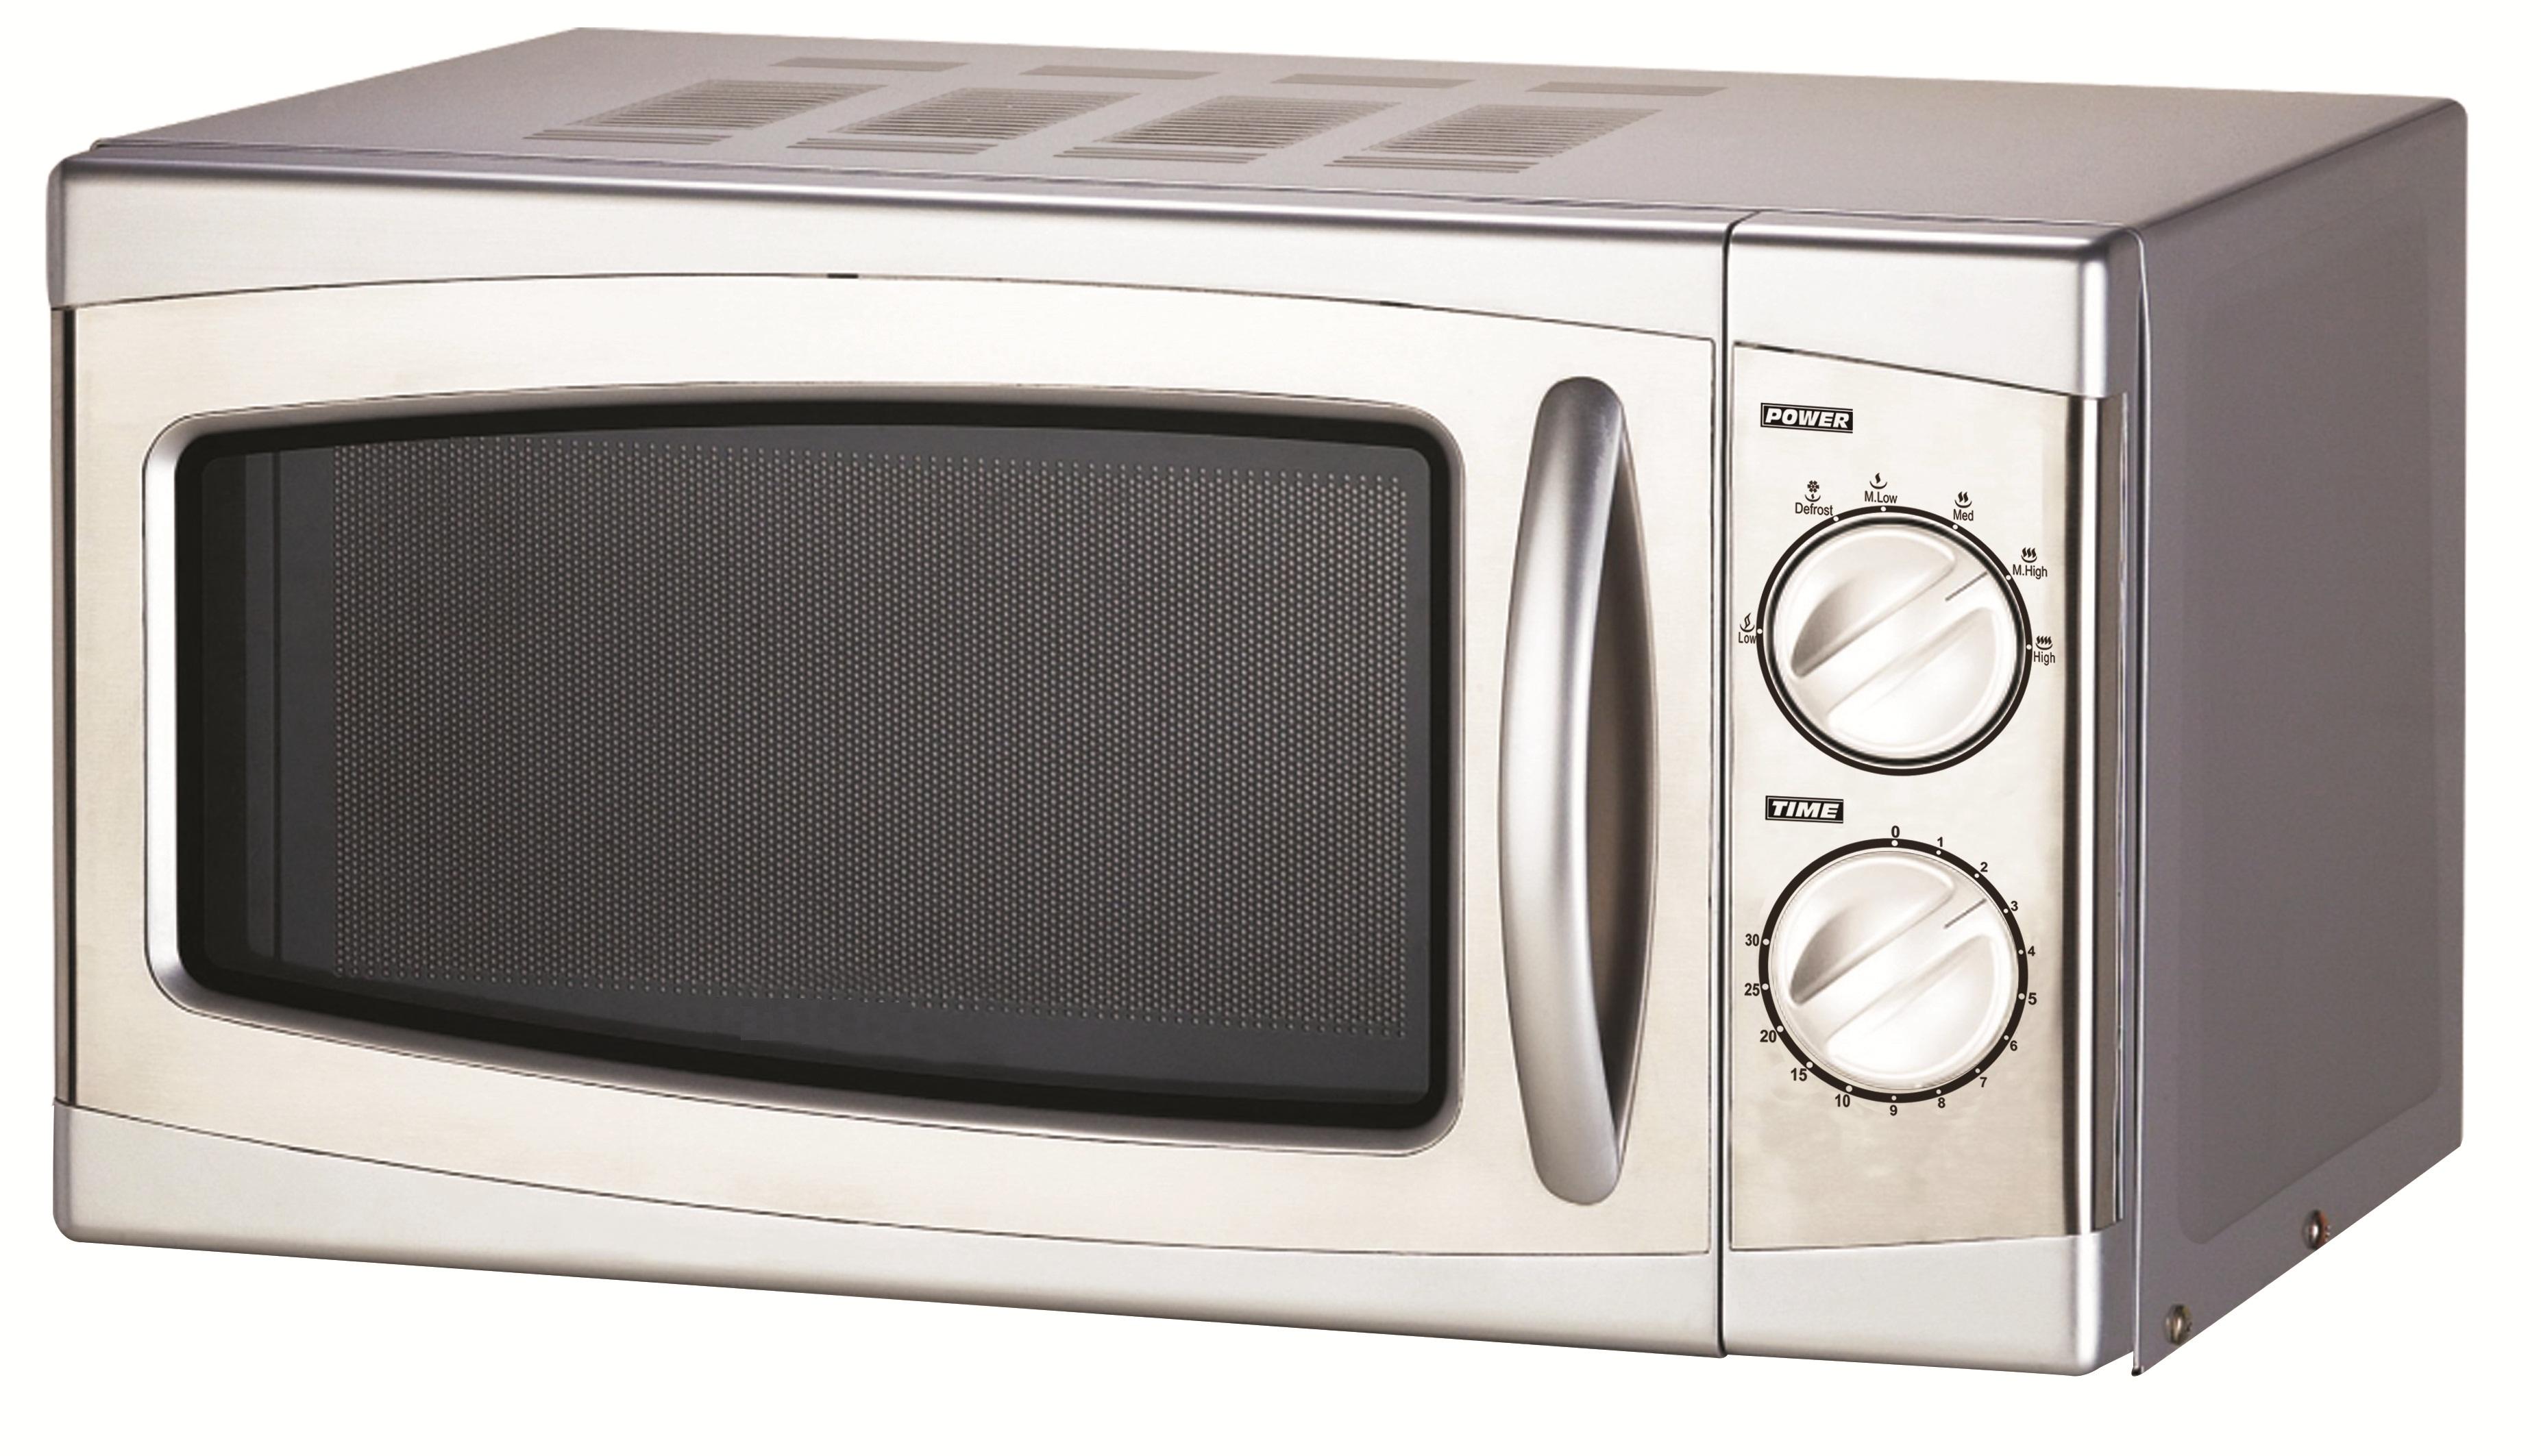 GASTRORAG WD700N20, Silver СВЧ-печьWD700N20Настольная микроволновая печь GASTRORAG WD700N20 станет незаменимым помощником на вашей кухне. Особенности: мощность - 700 Вт,емкость камеры - 20 л,материал корпуса - окрашенная сталь,передняя панель - нержавеющая сталь